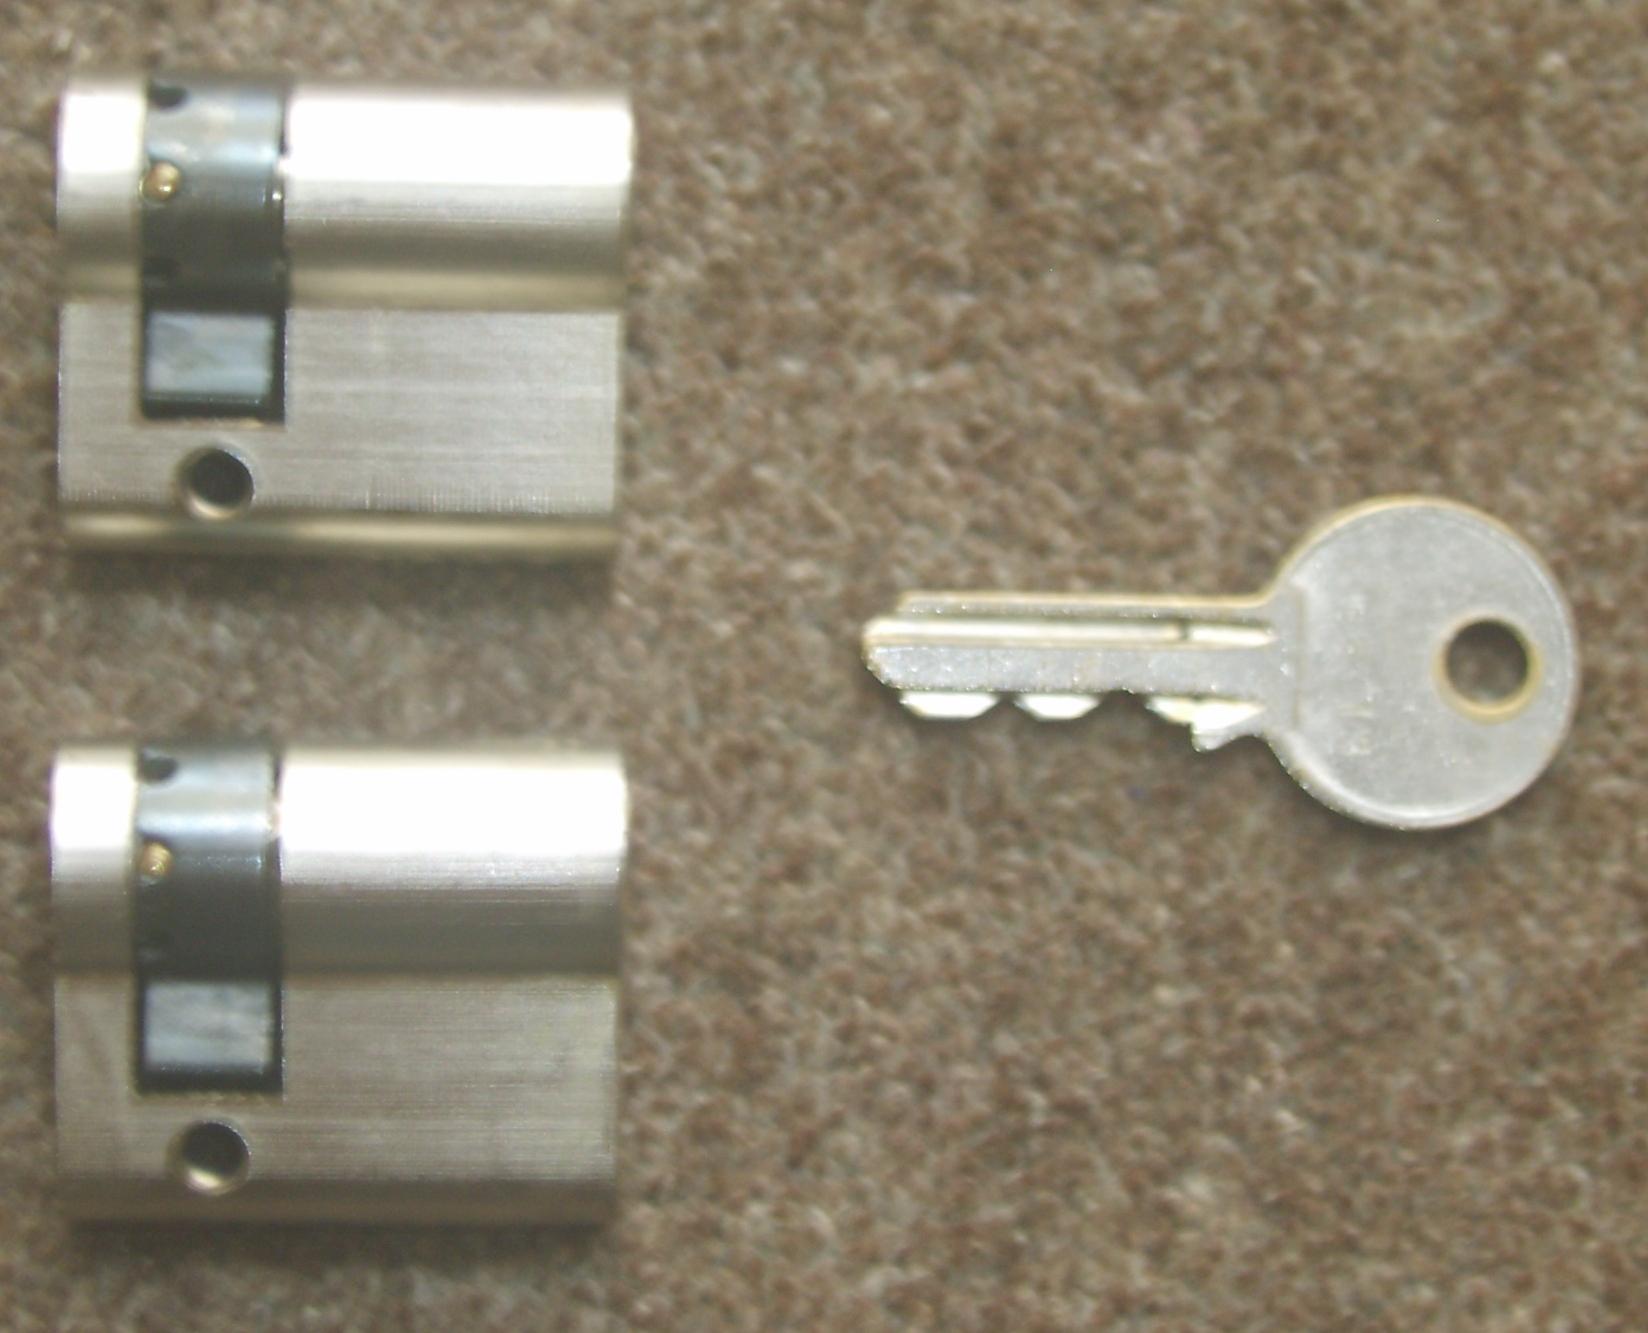 Keyed Alike Single Euro Cylinders